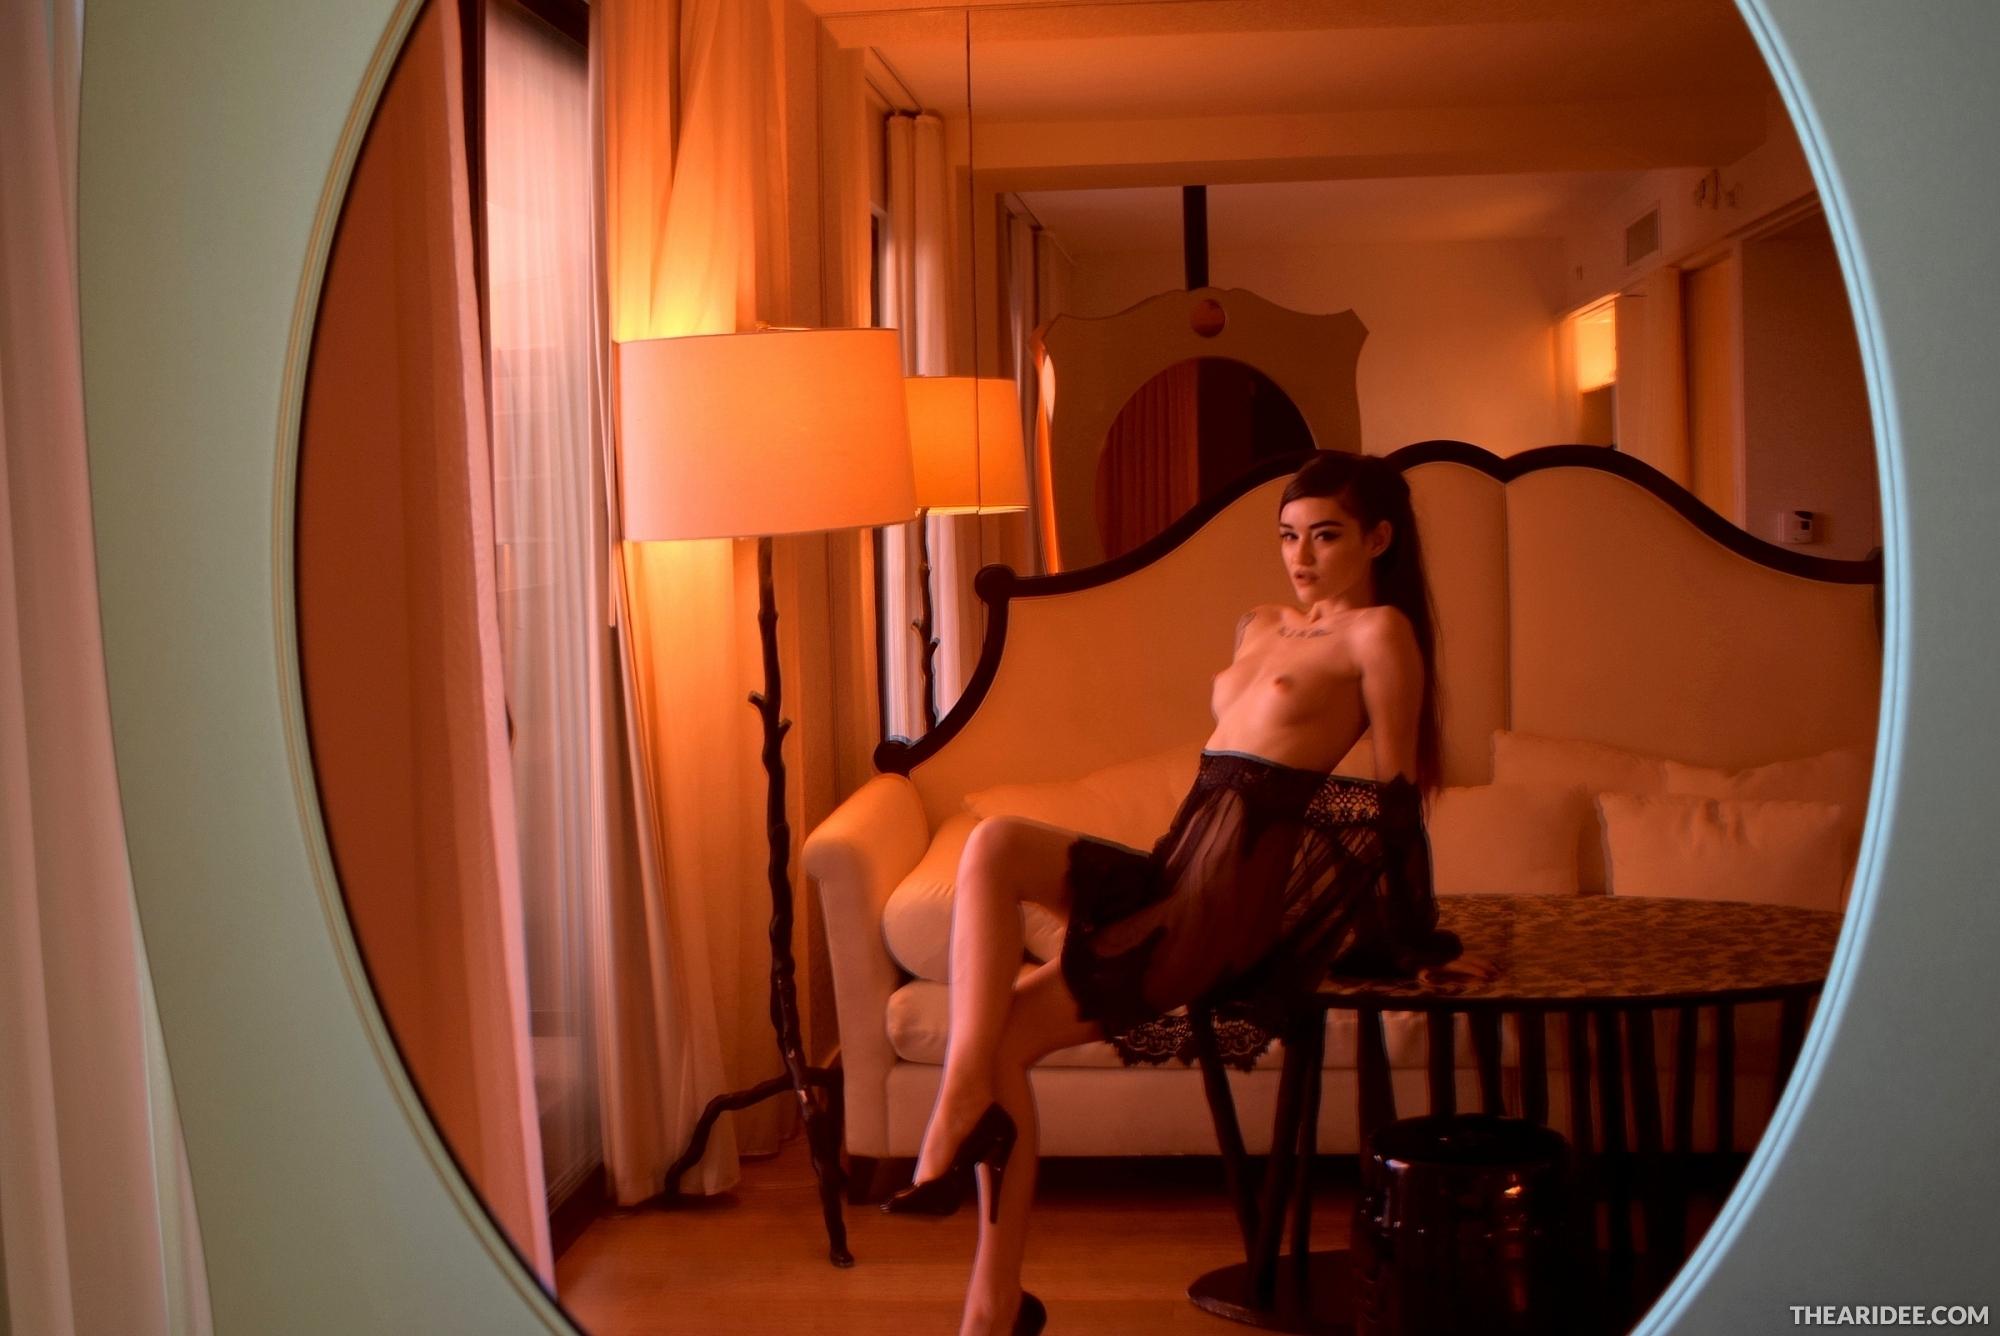 TheAriDee: Mirrored Sensual Trance